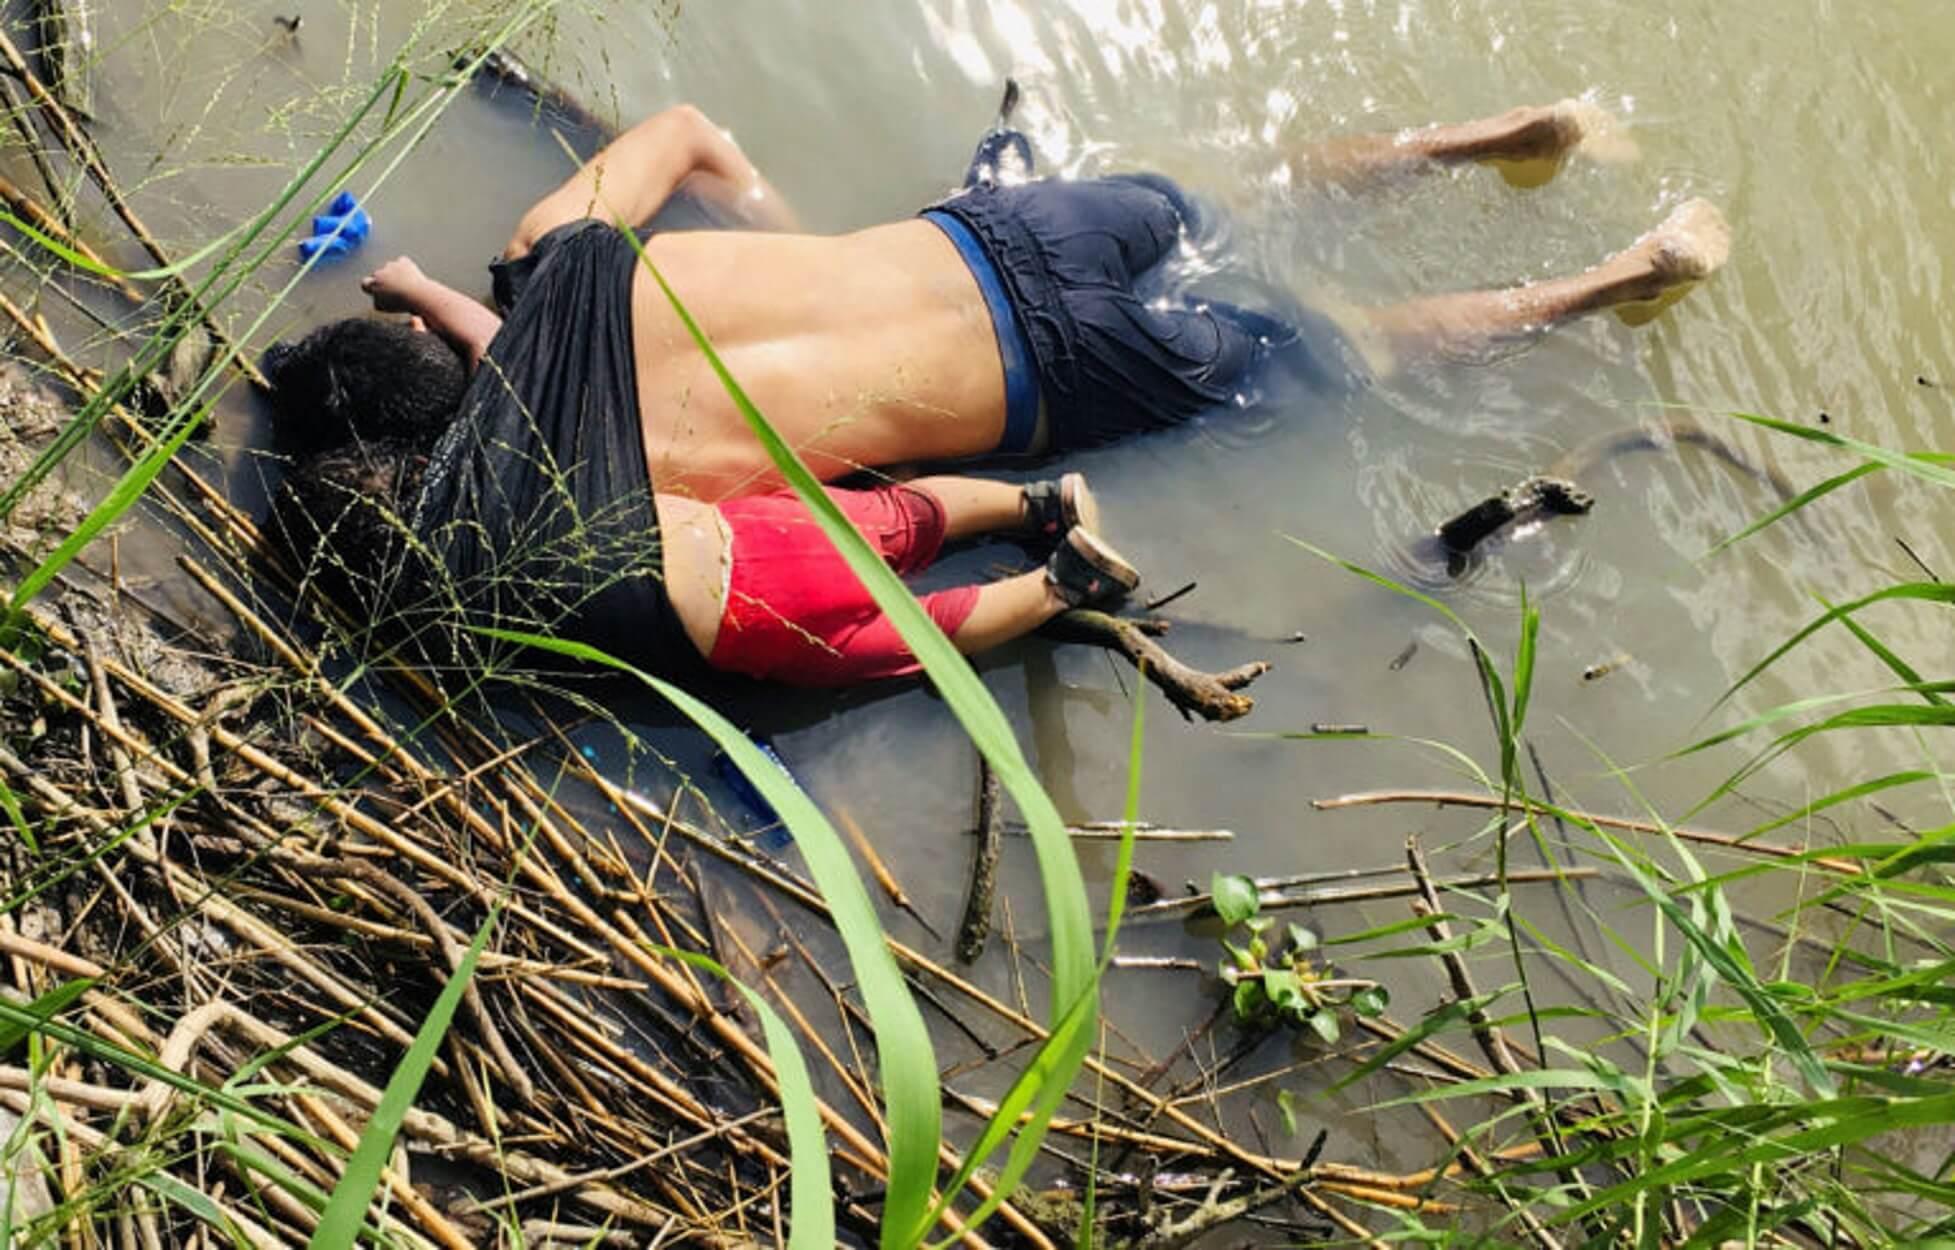 Μεξικό: Η συγκλονιστική διαδρομή της οικογένειας μεταναστών και το τραγικό φινάλε στον Ρίο Μπράβο!